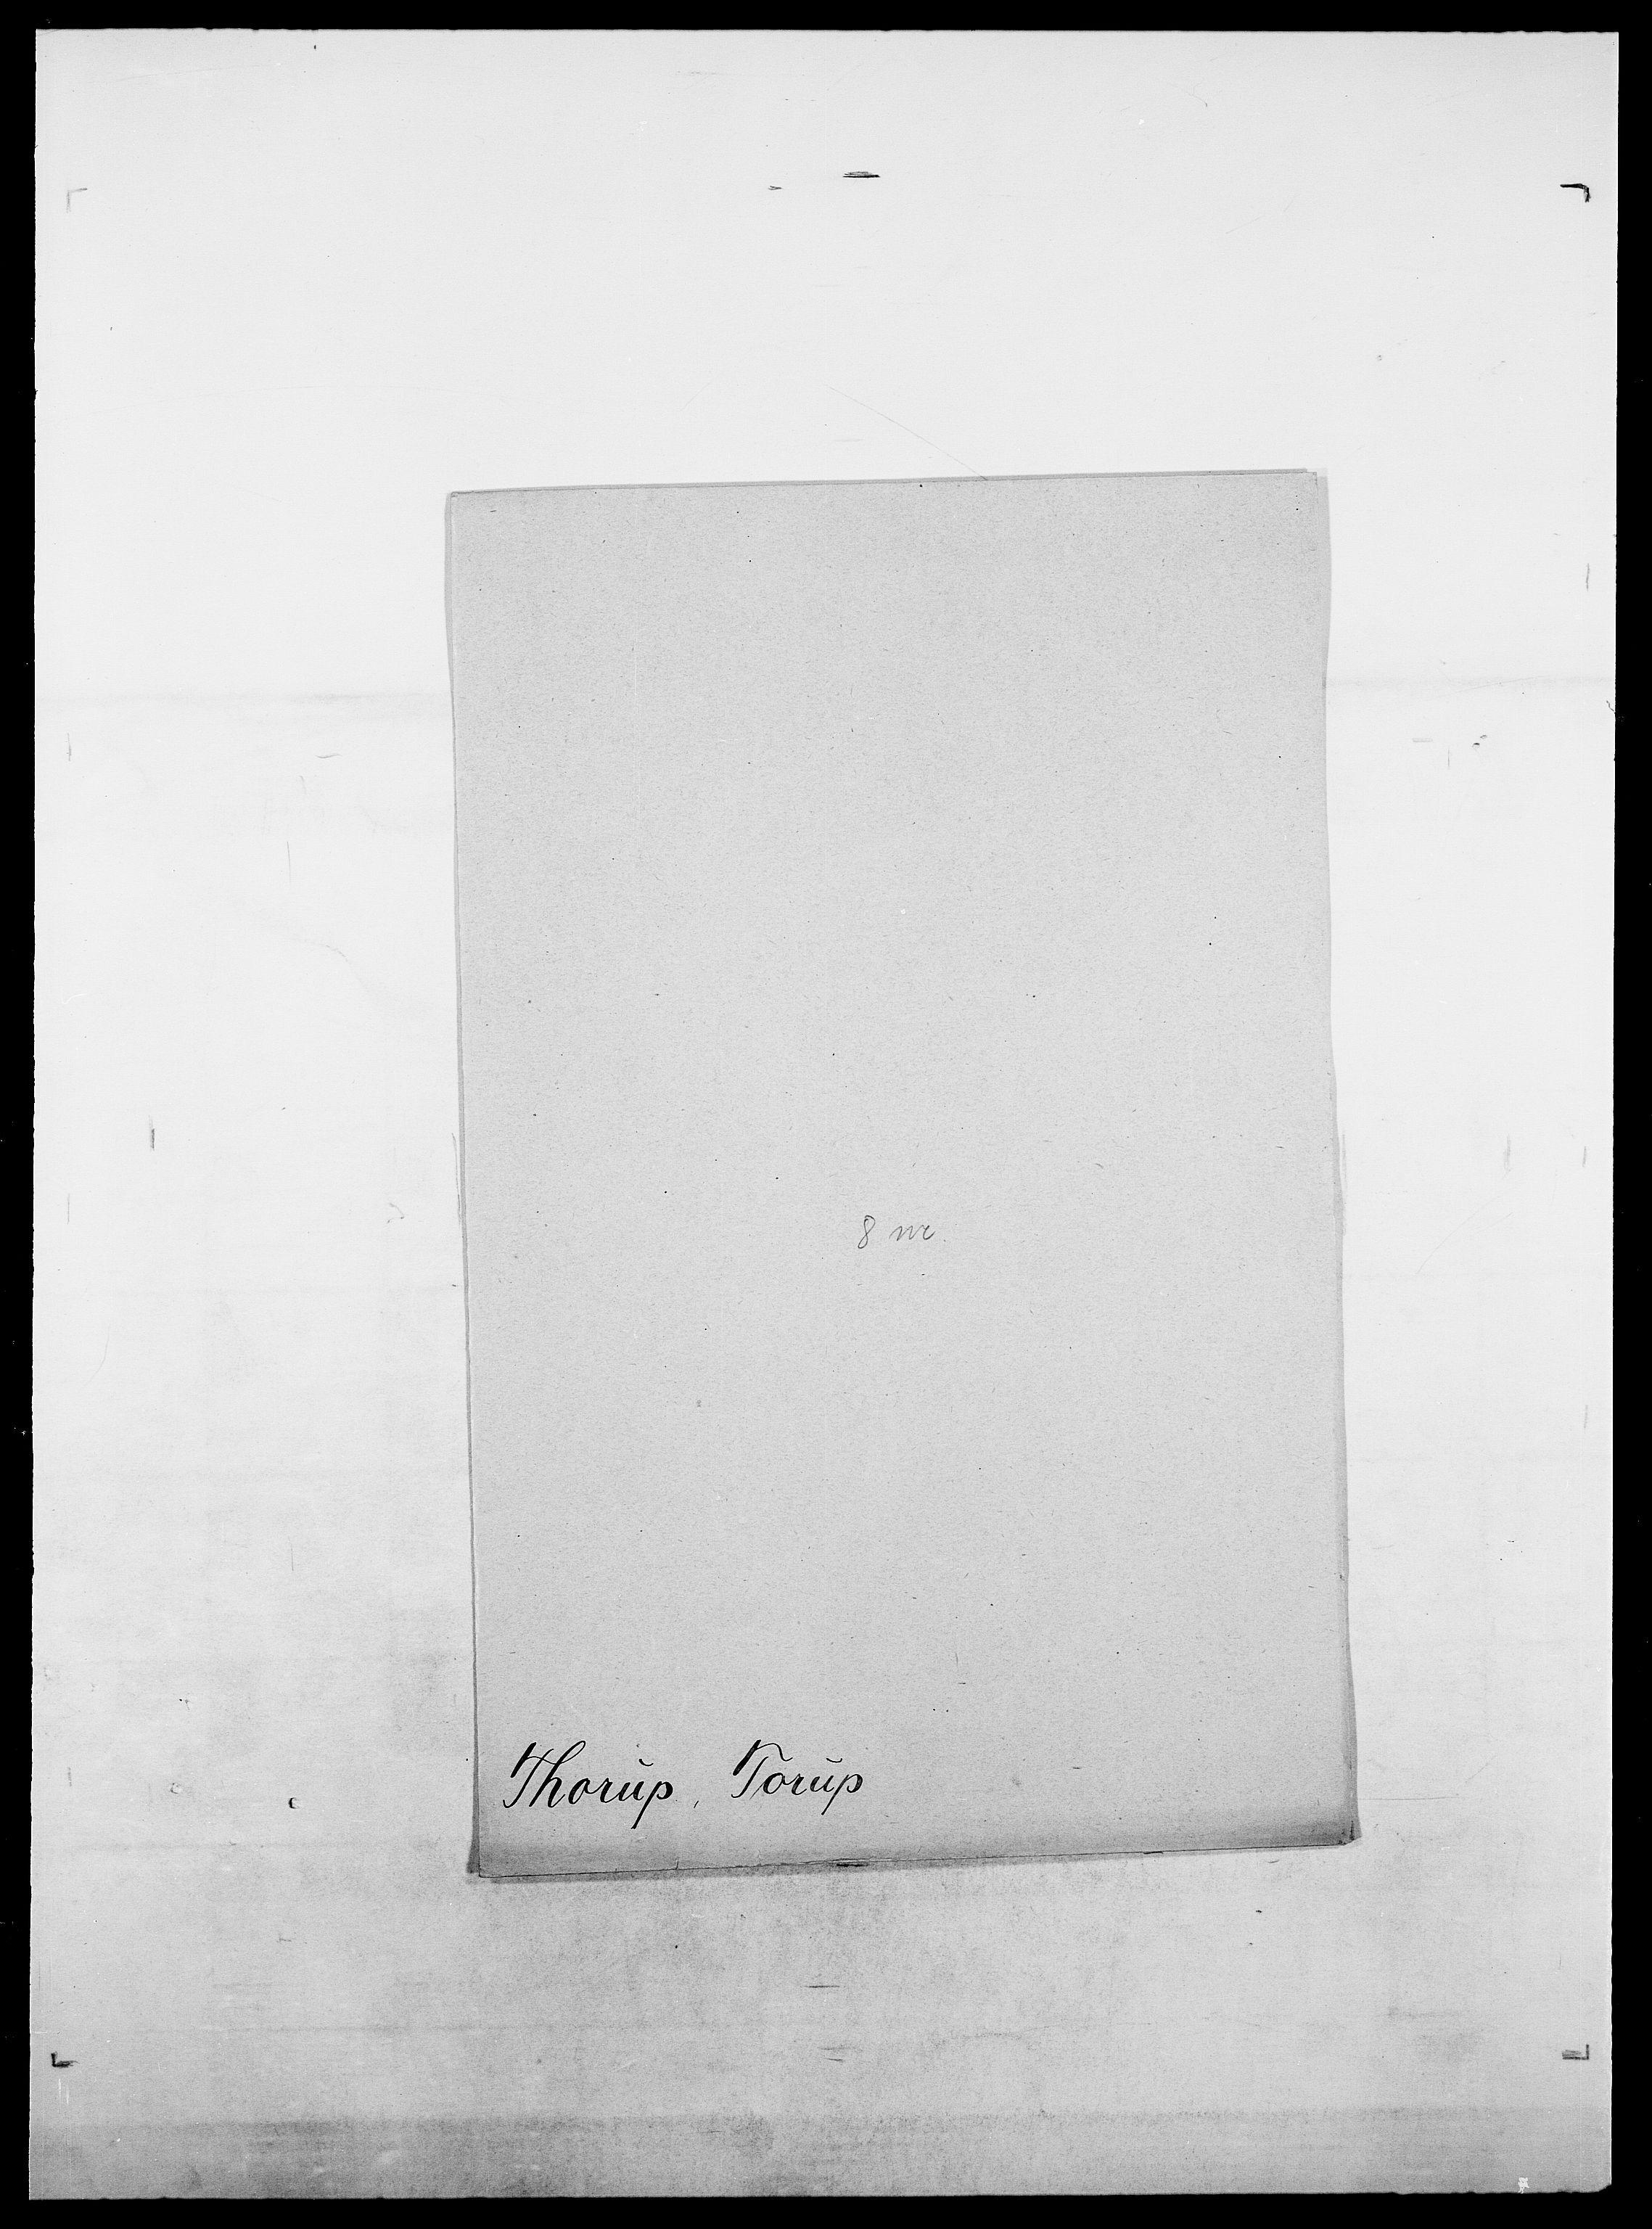 SAO, Delgobe, Charles Antoine - samling, D/Da/L0038: Svanenskjold - Thornsohn, s. 915